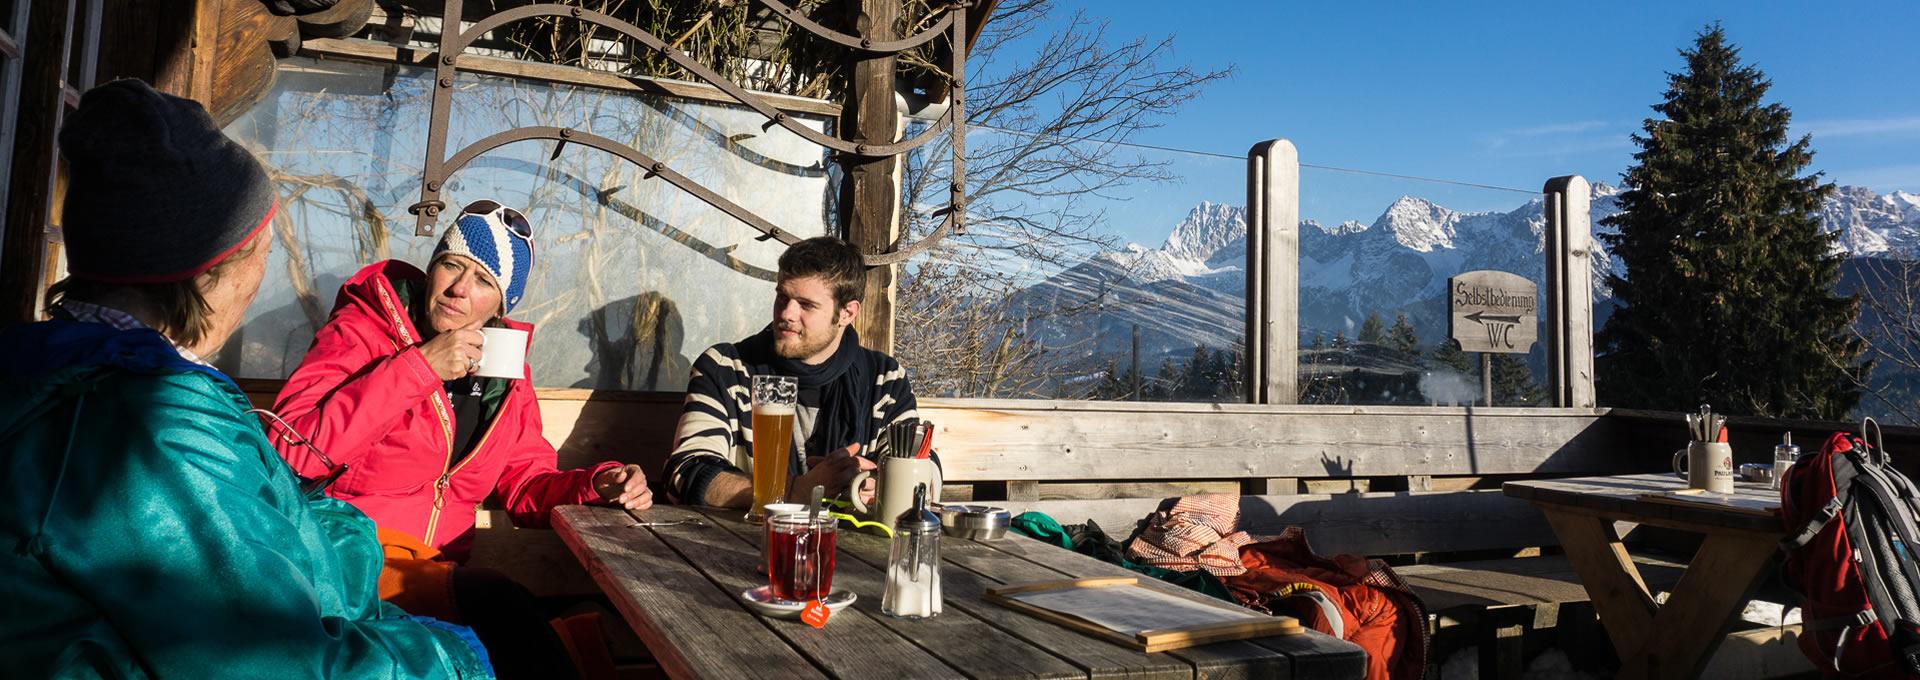 Winterurlaub auf der Elmauer Alm bei Klais